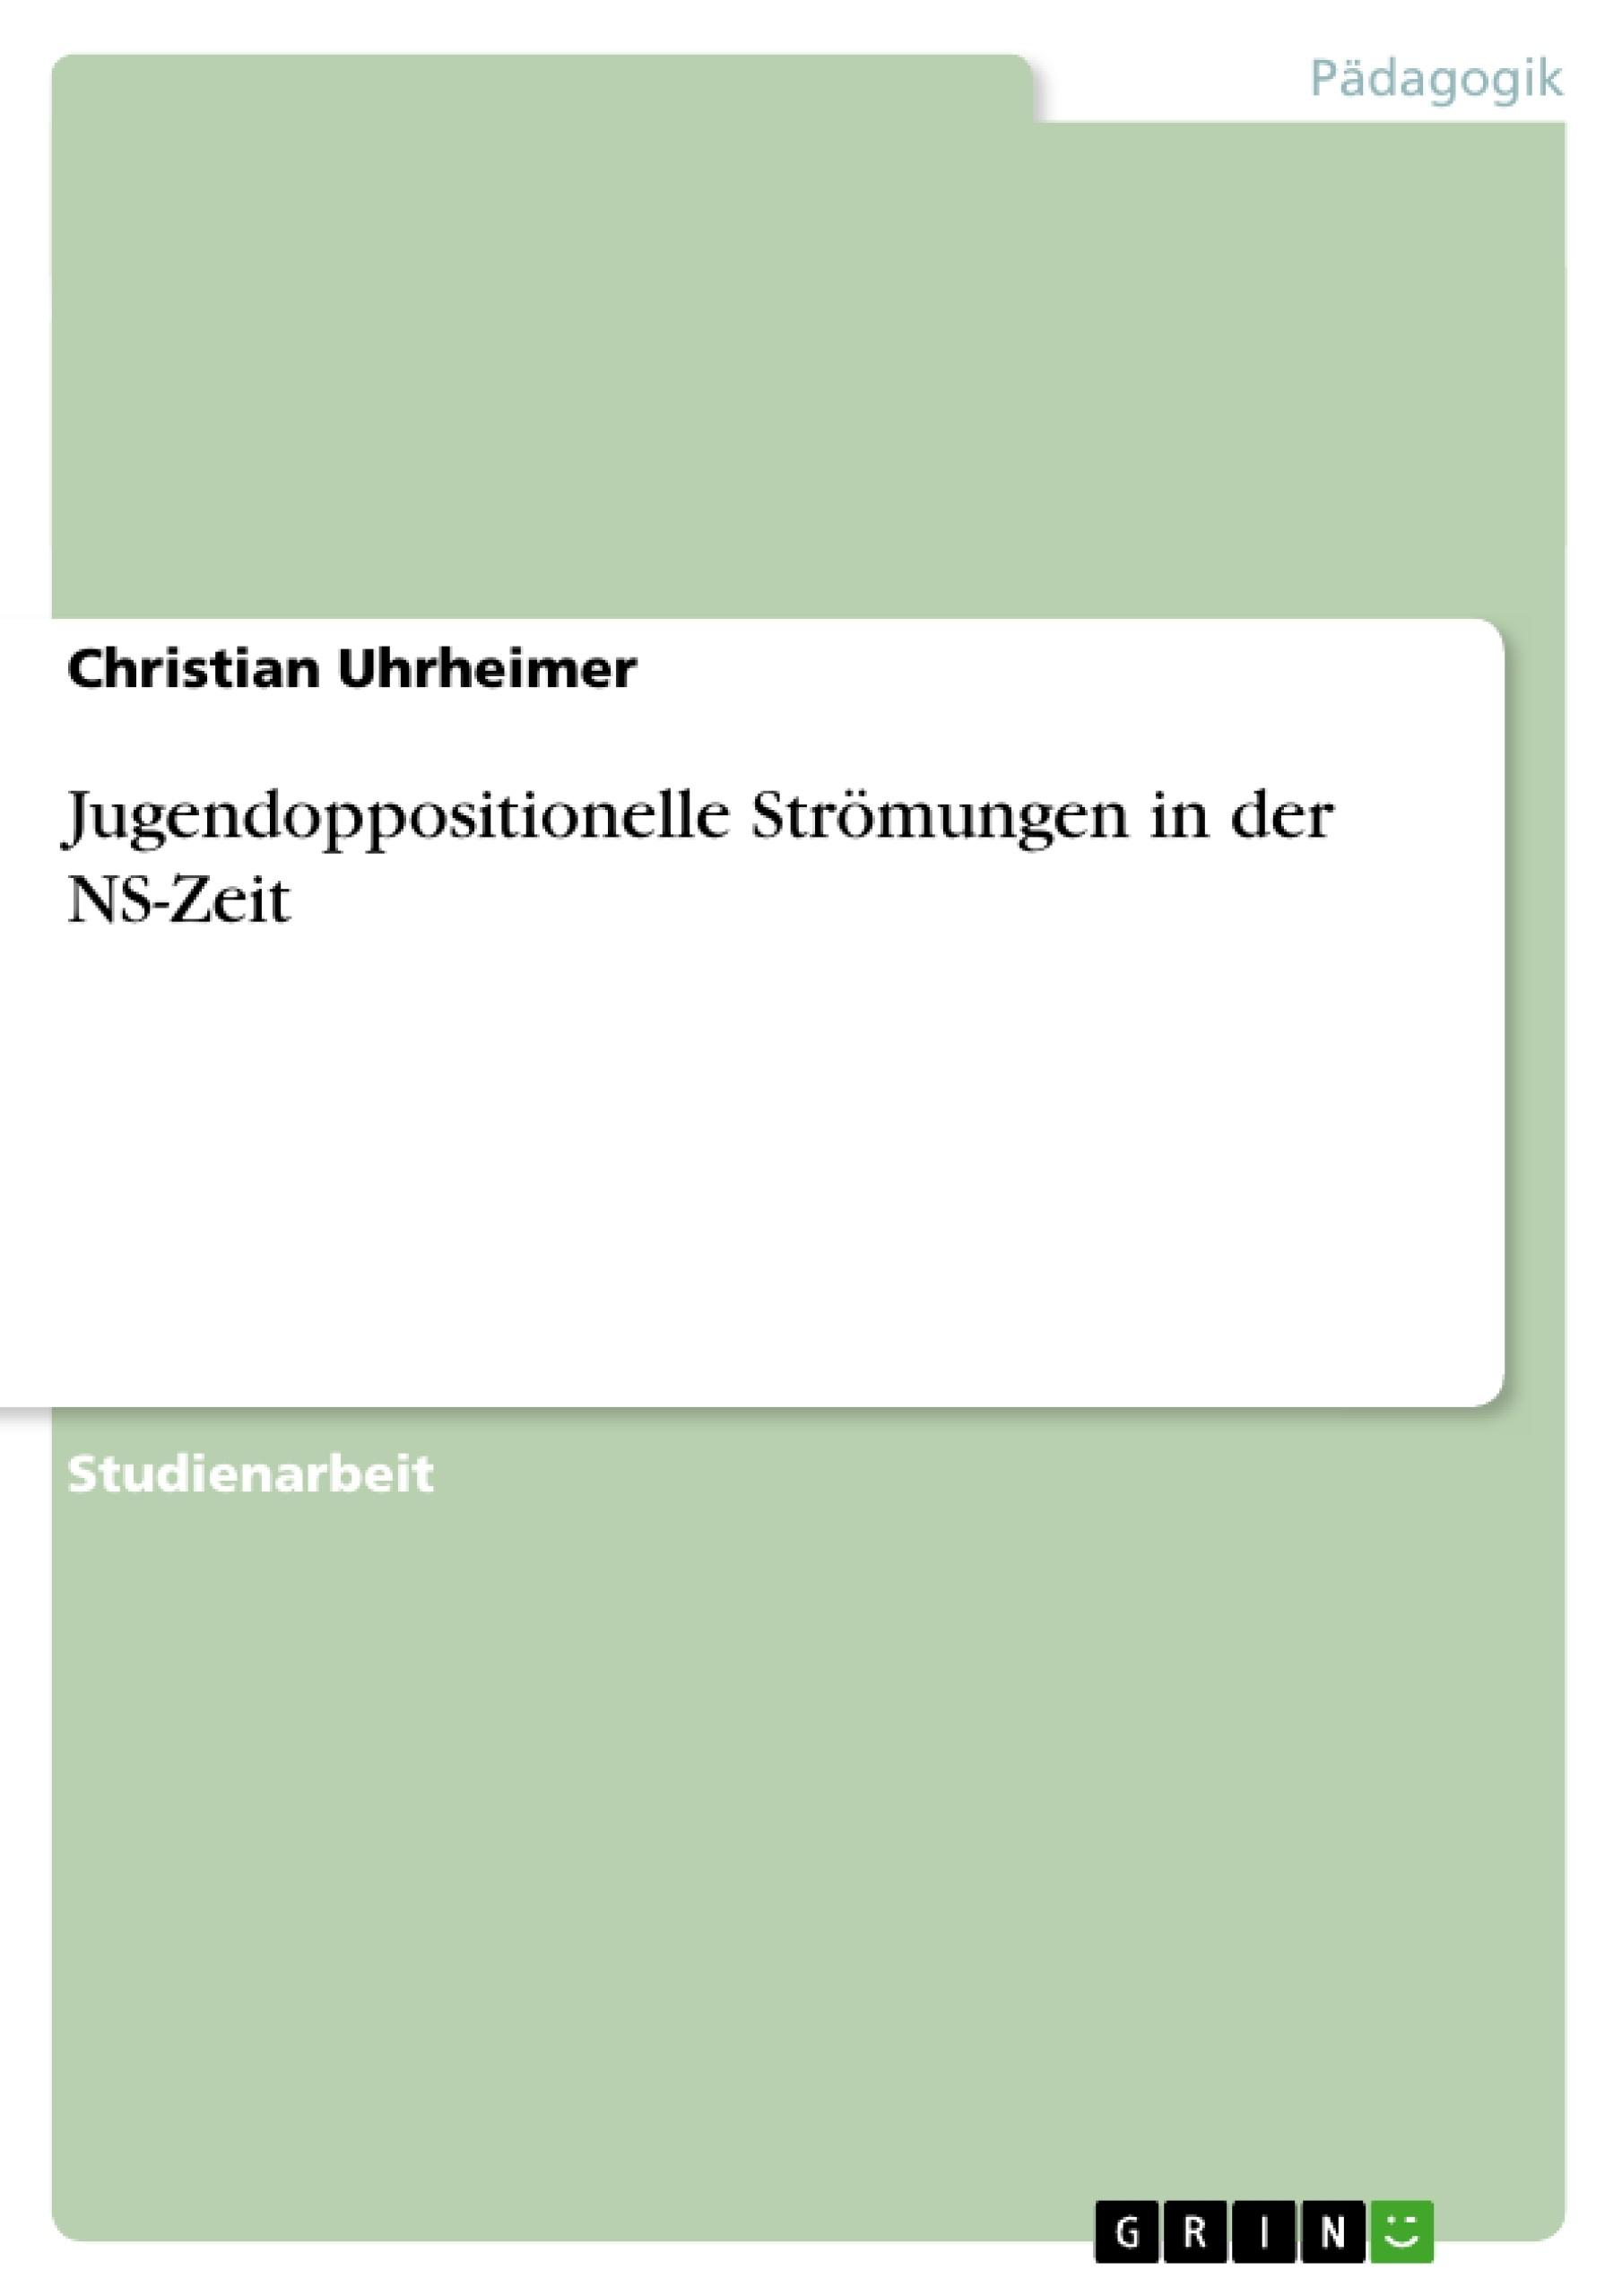 Titel: Jugendoppositionelle Strömungen in der NS-Zeit